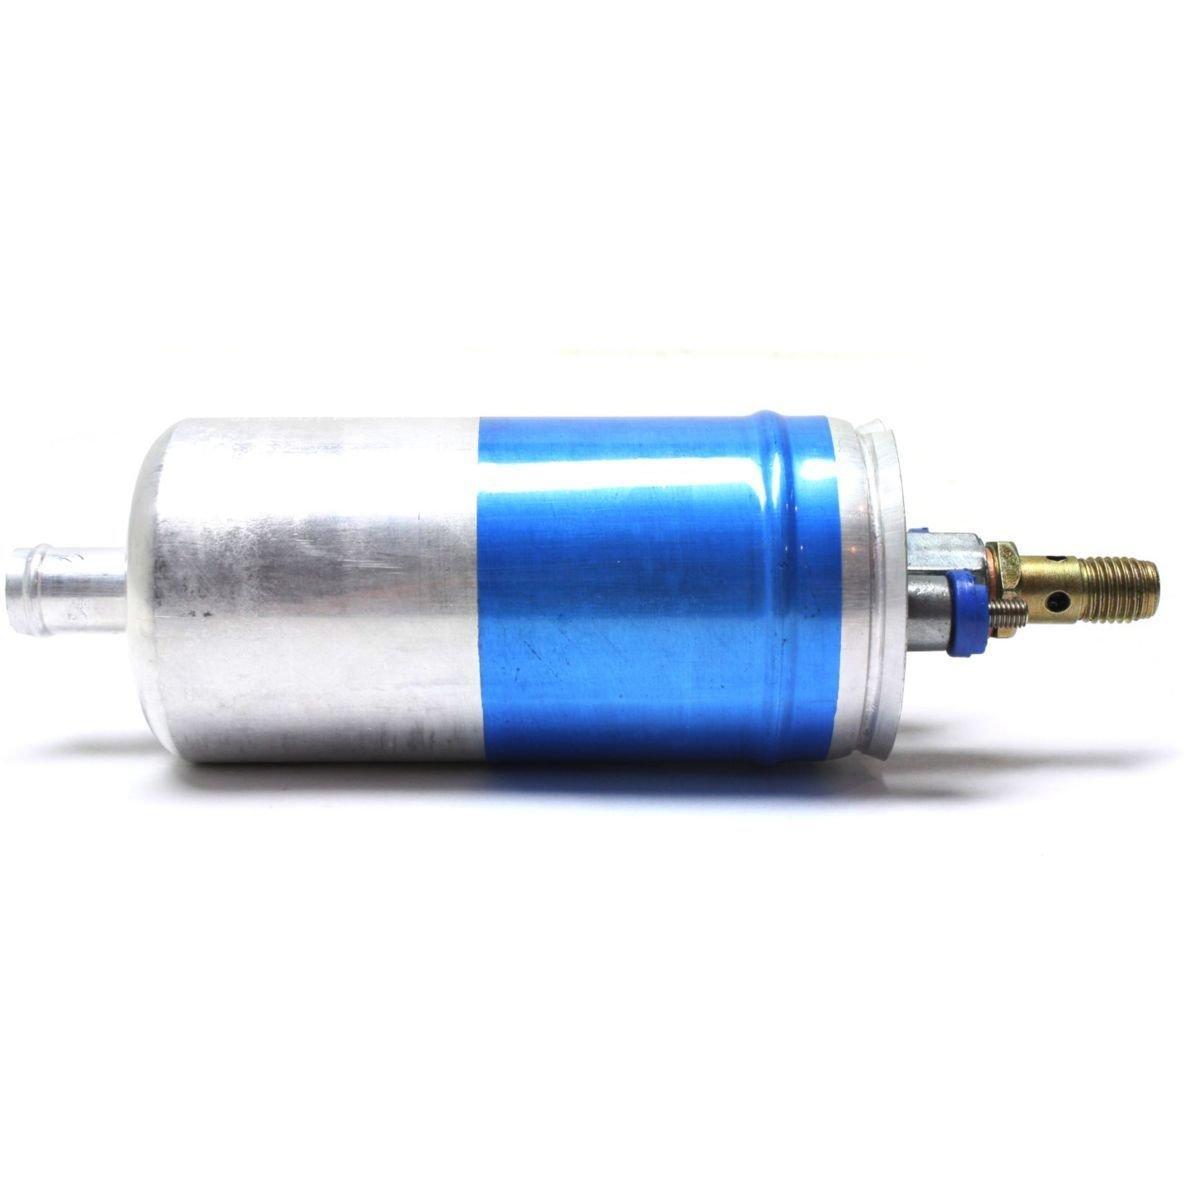 Diften 323 A0791 X01 New Electric Fuel Pump Gas 380sl Filter Mercedes 280 190 Benz 300e 190e 450sl Automotive